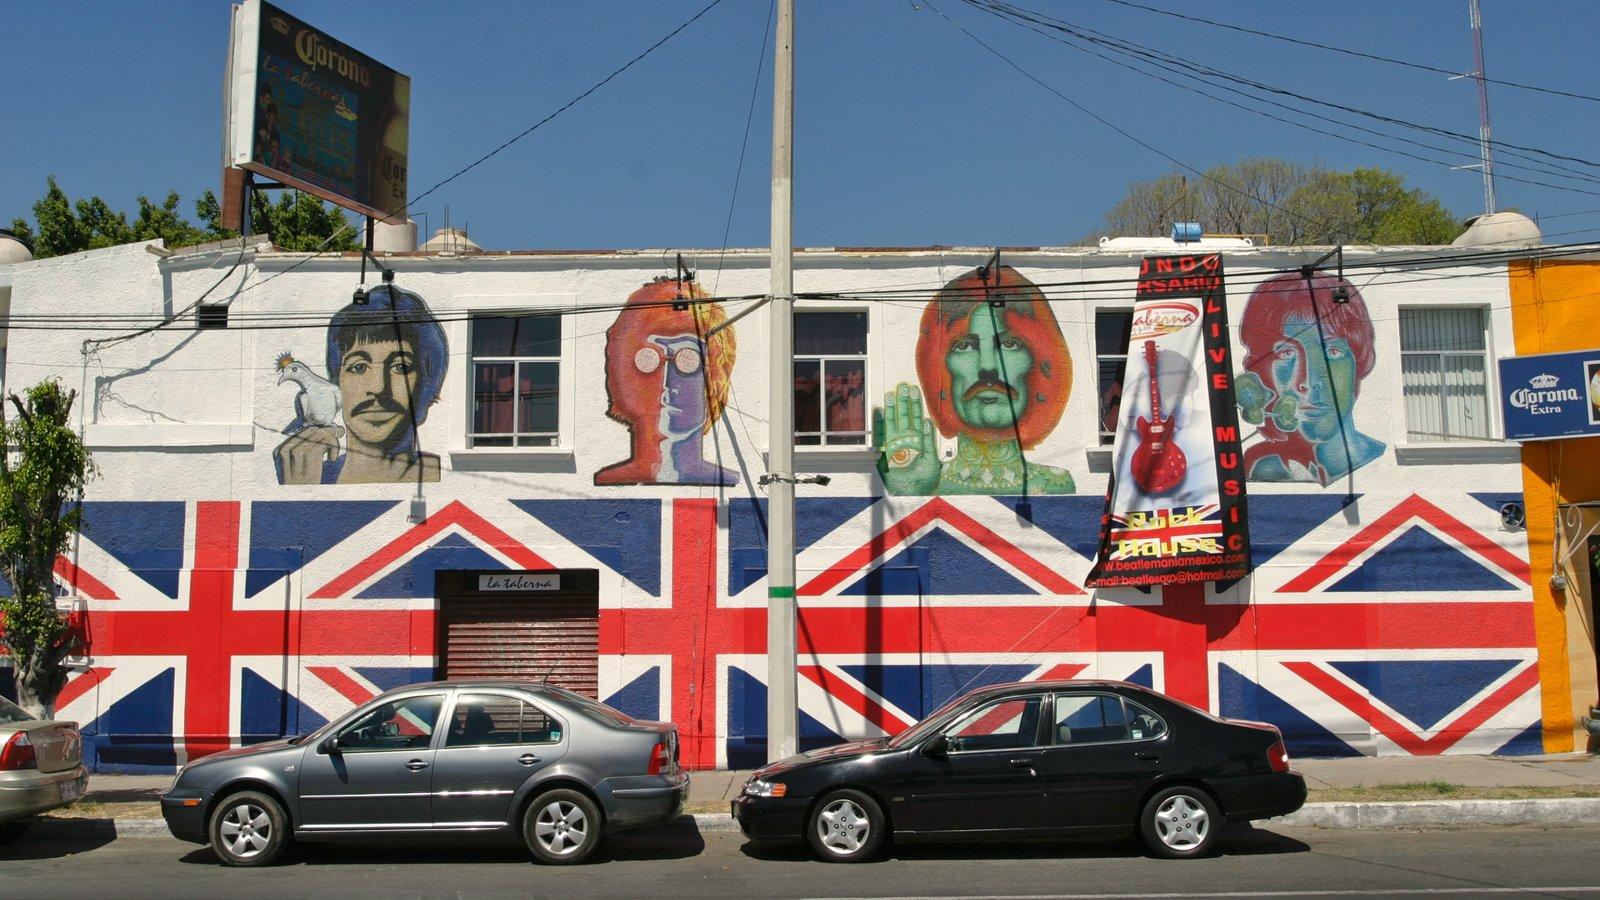 Querétaro mostrando escenas urbanas, señalización y arte